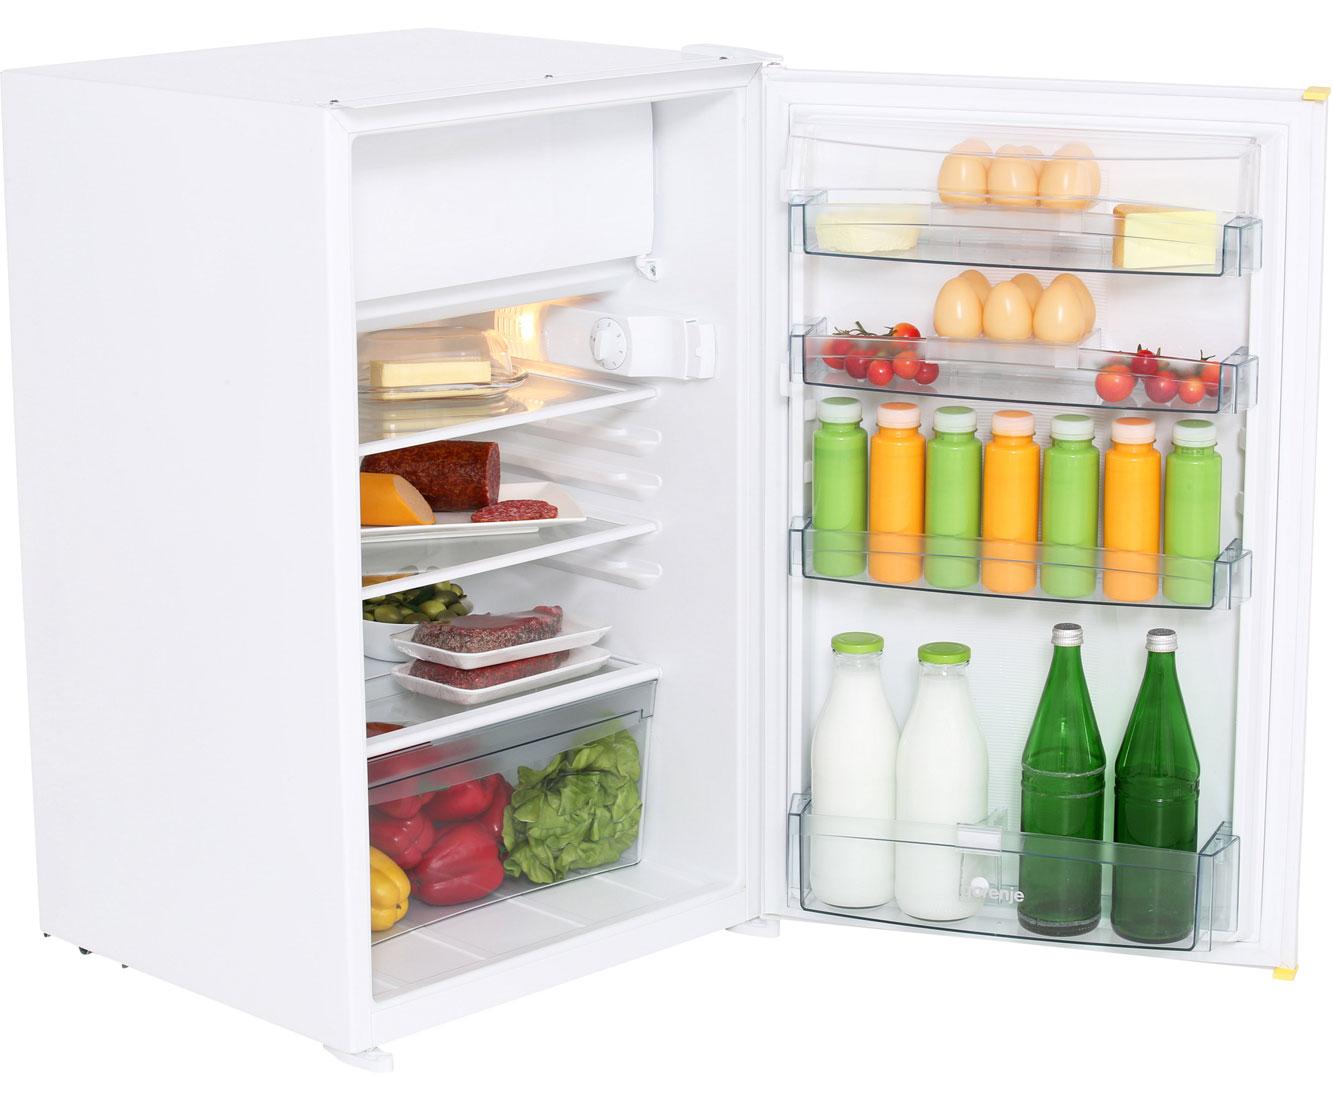 Leiser Mini Kühlschrank Mit Gefrierfach : Kühlschrank leise klarstein manhattan mini kühlschrank minibar